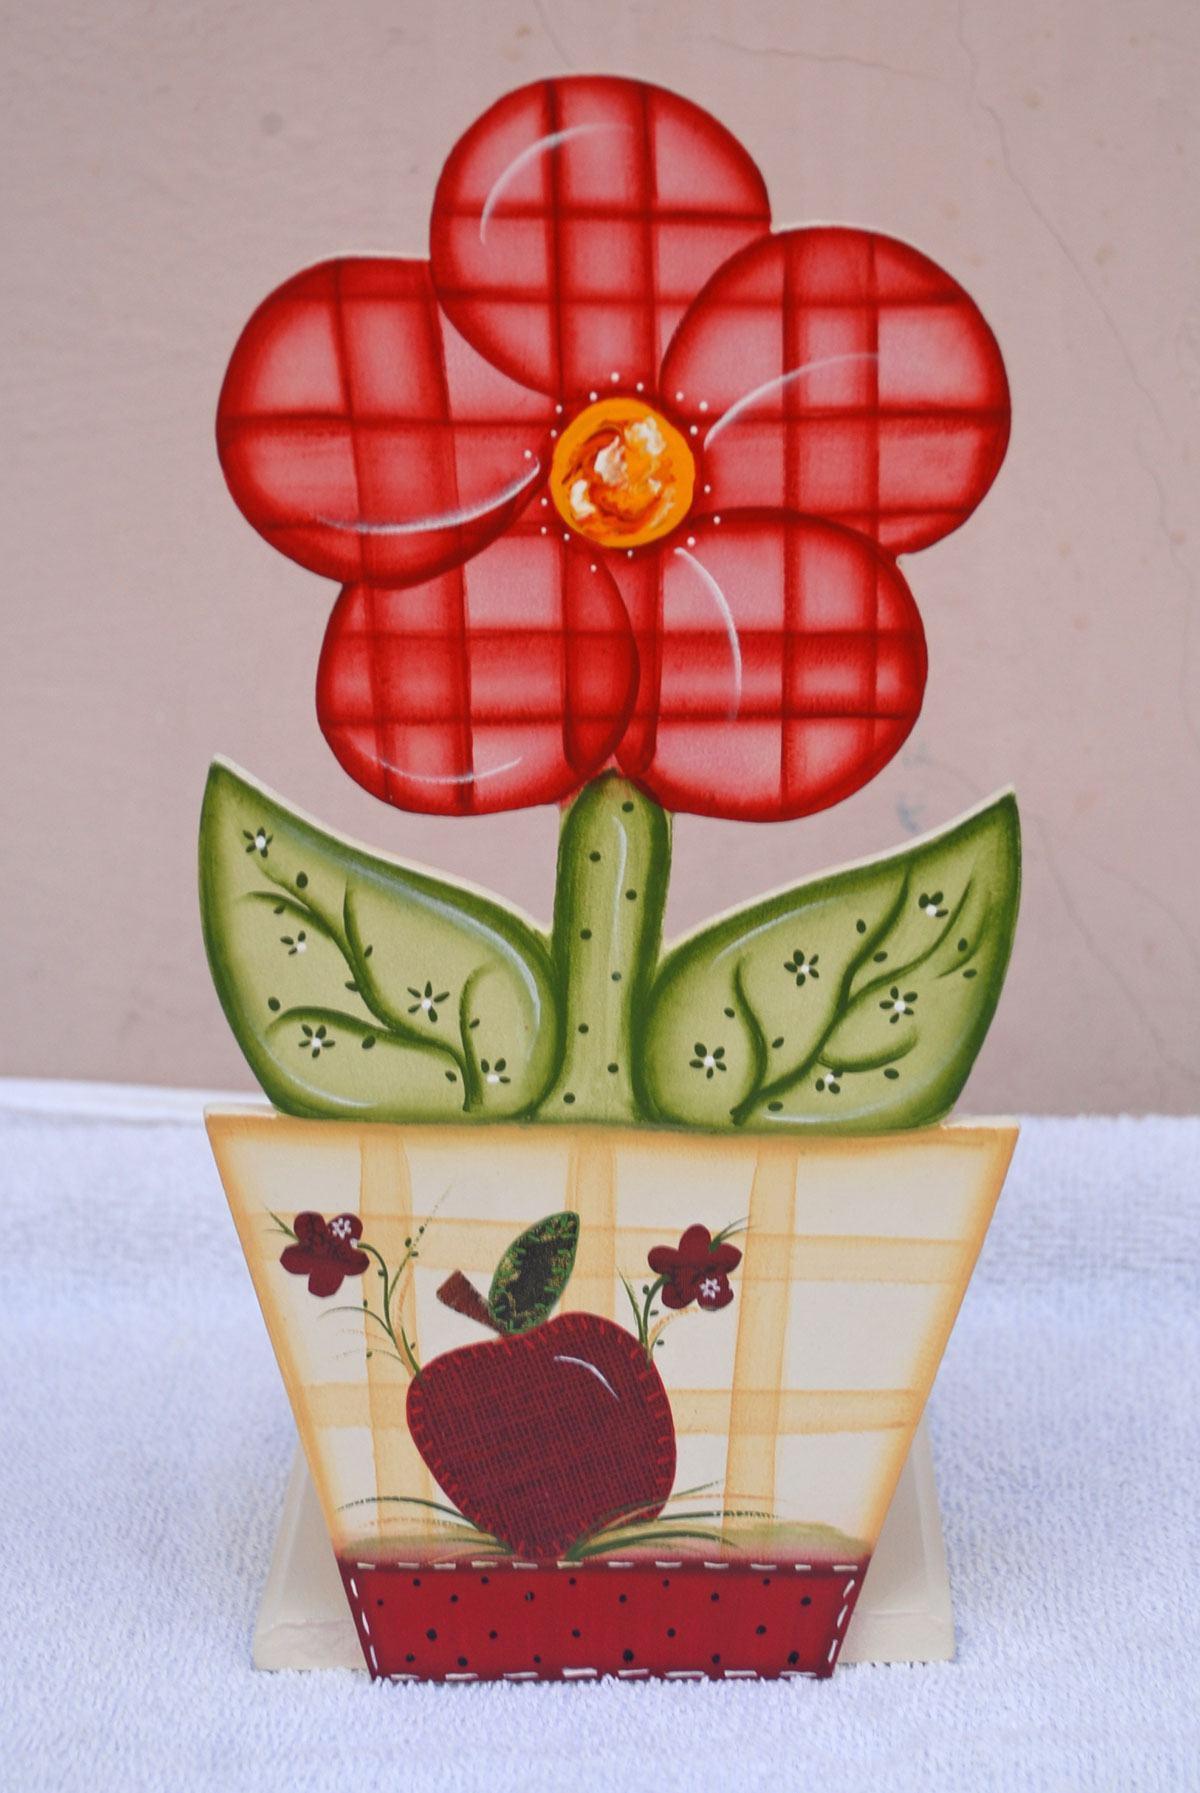 Placa decorativa que imita um vaso de flor rosa